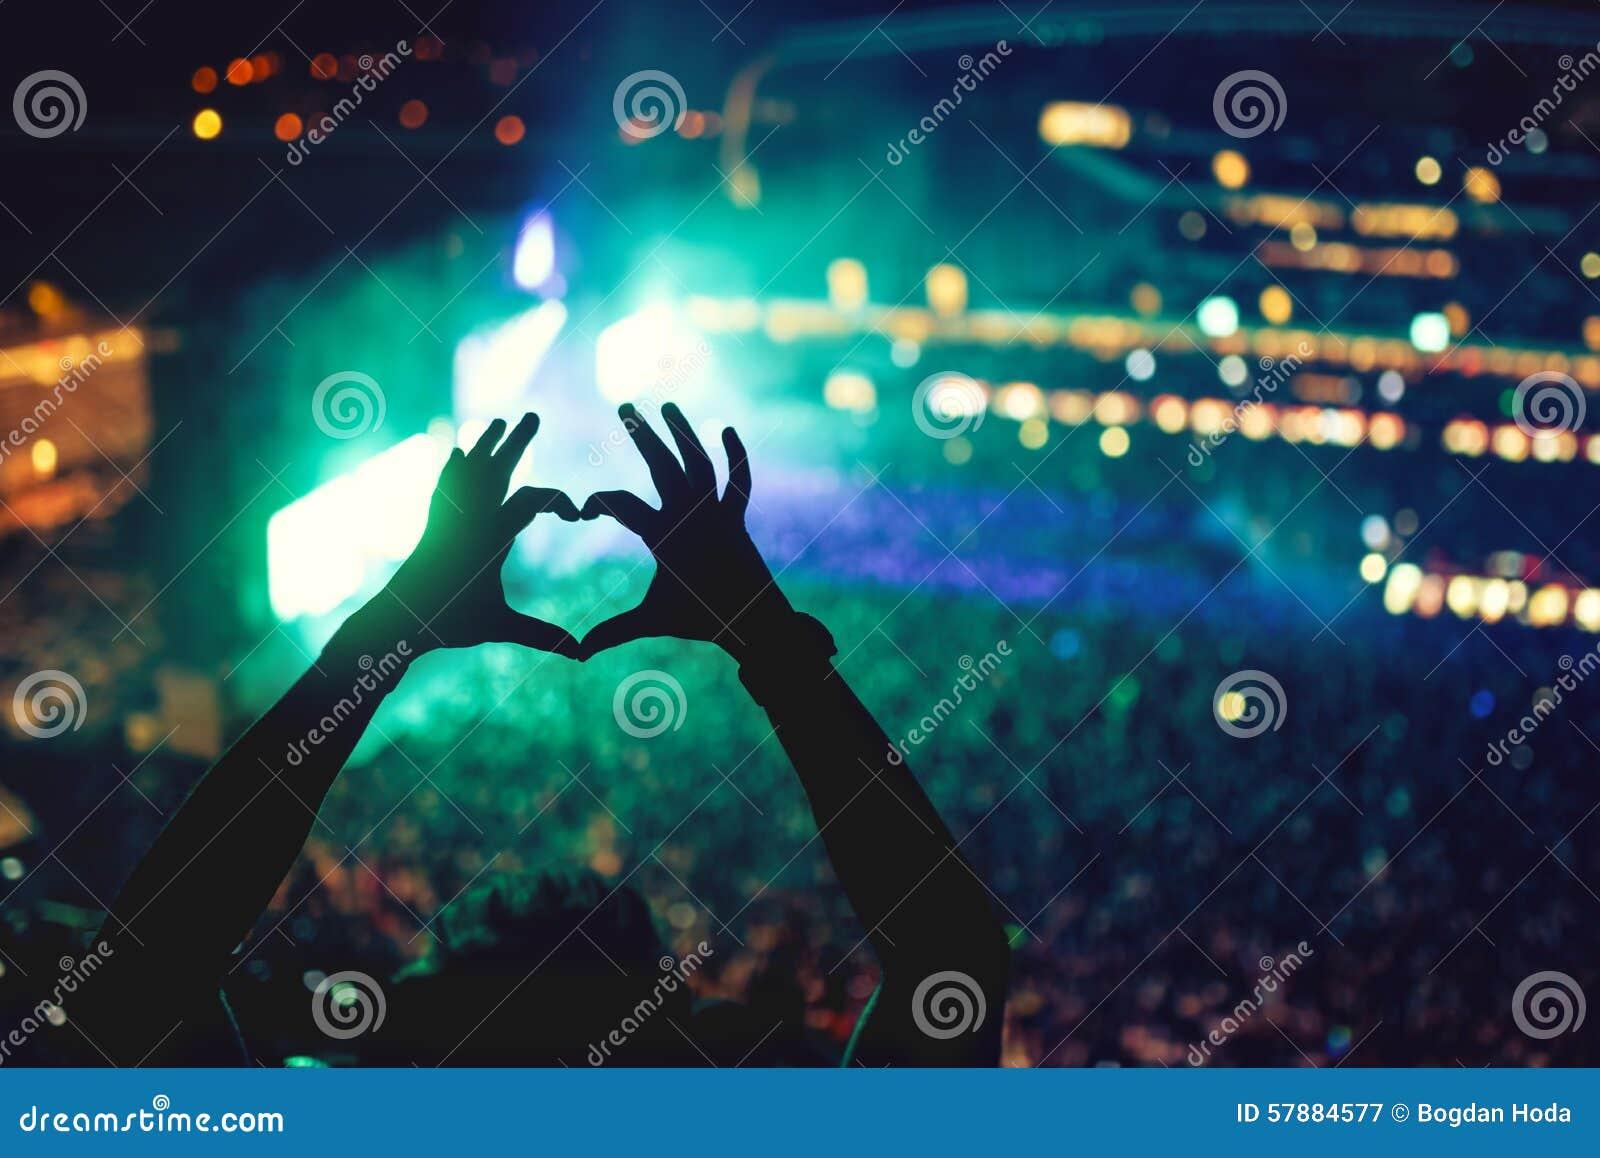 O coração deu forma às mãos no concerto, amando o artista e o festival Concerto da música com luzes e silhueta de um homem que ap